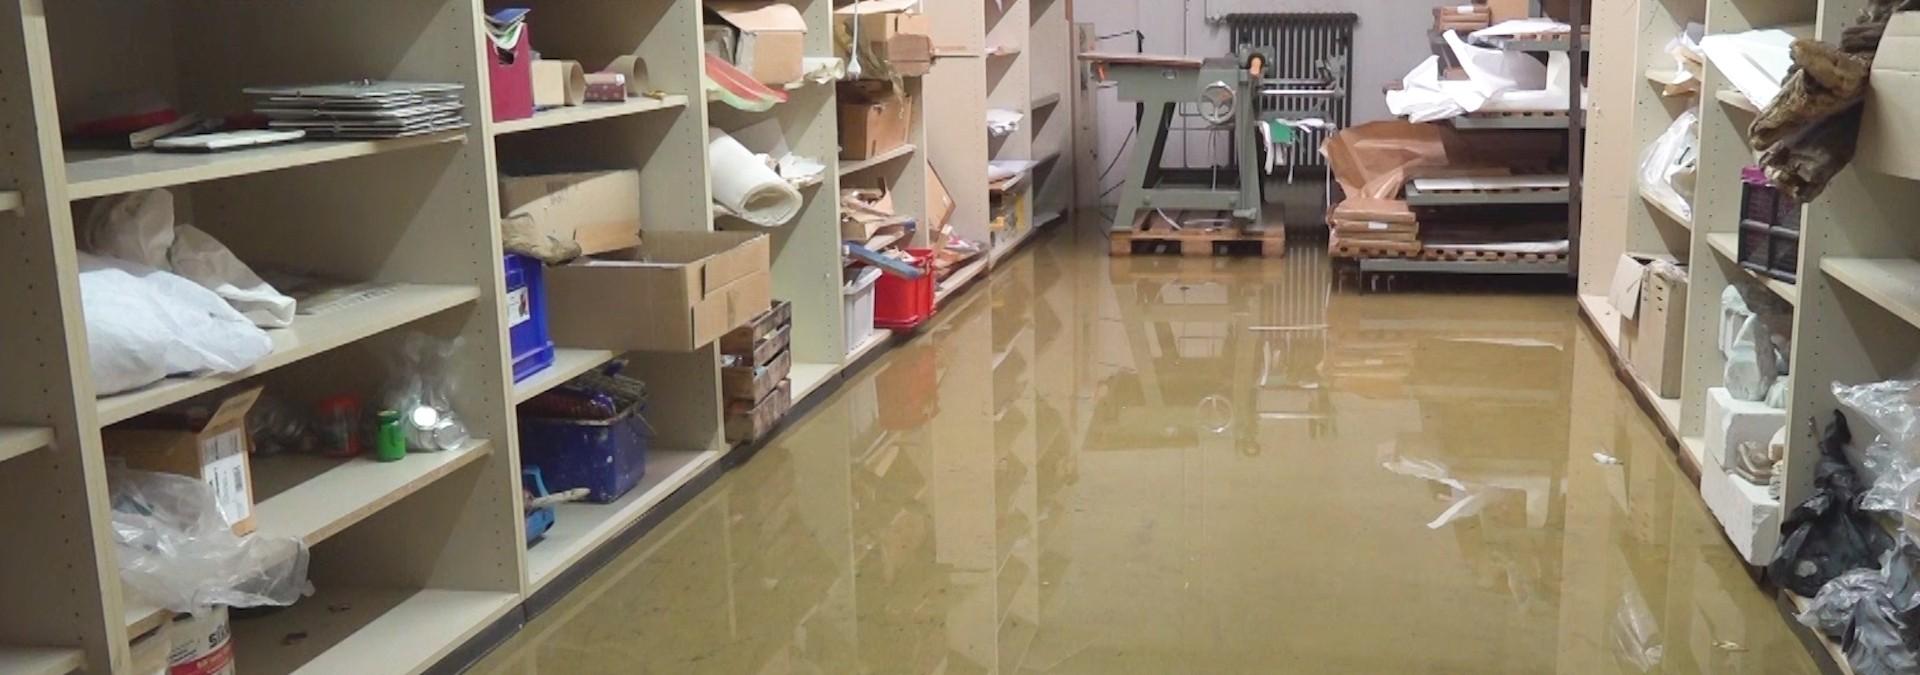 Gewitter überflutet Schulkeller